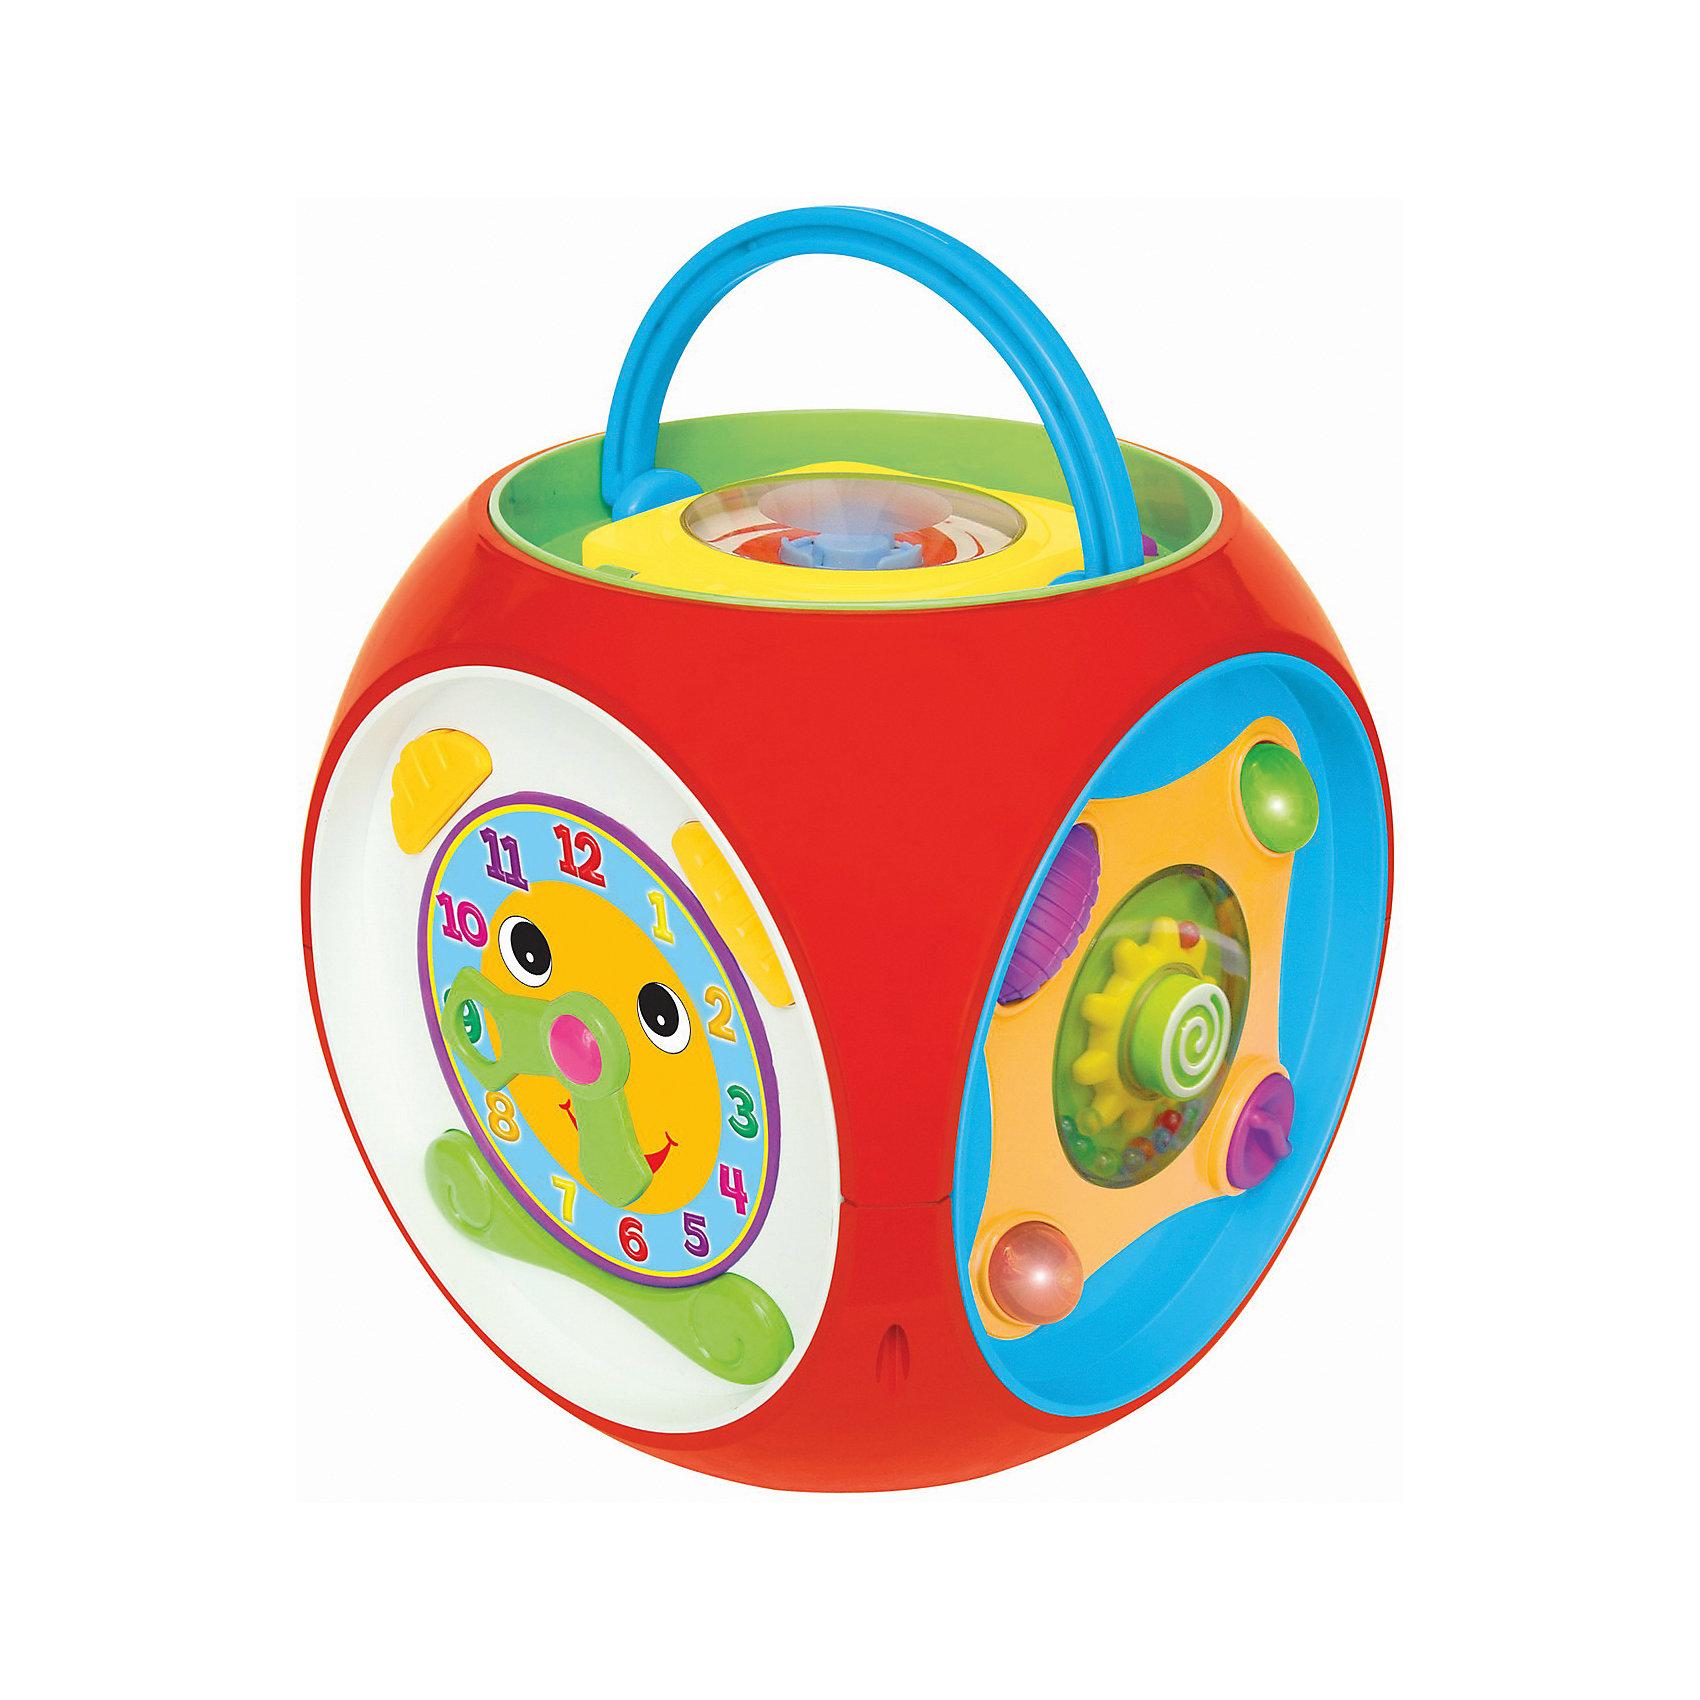 Развивающая игрушка Многофункциональный короб, KiddielandРазвивающая игрушка Многофункциональный короб, Kiddieland<br><br>Характеристики:<br>- В набор входит: короб, элементы питания<br>- Материал: пластик<br>- Элементы питания: батарейки АА, 3 шт.<br>- Размер упаковки: 15 * 26 * 36 см.<br>Развивающая игрушка Многофункциональный короб от известного китайского бренда игрушек для детей Kiddieland (Киддилэнд) будет прекрасным подарком для ребенка. Целых шесть сторон для развития и веселья! Озорной мышонок вылезает из норки, интерактивные часы, готовые научить понятию времени, животные, нажимая на которых можно услышать как они разговаривают, пианино с цветными клавишами, тканевые части и маленький плеер со специальным диском в комплекте. Ручка на коробе позволяет переносить его с удобством. Изготовленная из пластика высокого качества, разноцветная игрушка способствует развитию памяти, воображения, восприятия цвета и звука, социальных навыков, моторики рук.<br>Развивающую игрушку Многофункциональный короб, Kiddieland  (Киддилэнд) можно купить в нашем интернет-магазине.<br>Подробнее:<br>• Для детей в возрасте: от 1 до 3 лет<br>• Номер товара: 5054082<br>Страна производитель: Китай<br><br>Ширина мм: 220<br>Глубина мм: 220<br>Высота мм: 230<br>Вес г: 1400<br>Возраст от месяцев: 12<br>Возраст до месяцев: 36<br>Пол: Унисекс<br>Возраст: Детский<br>SKU: 5054082